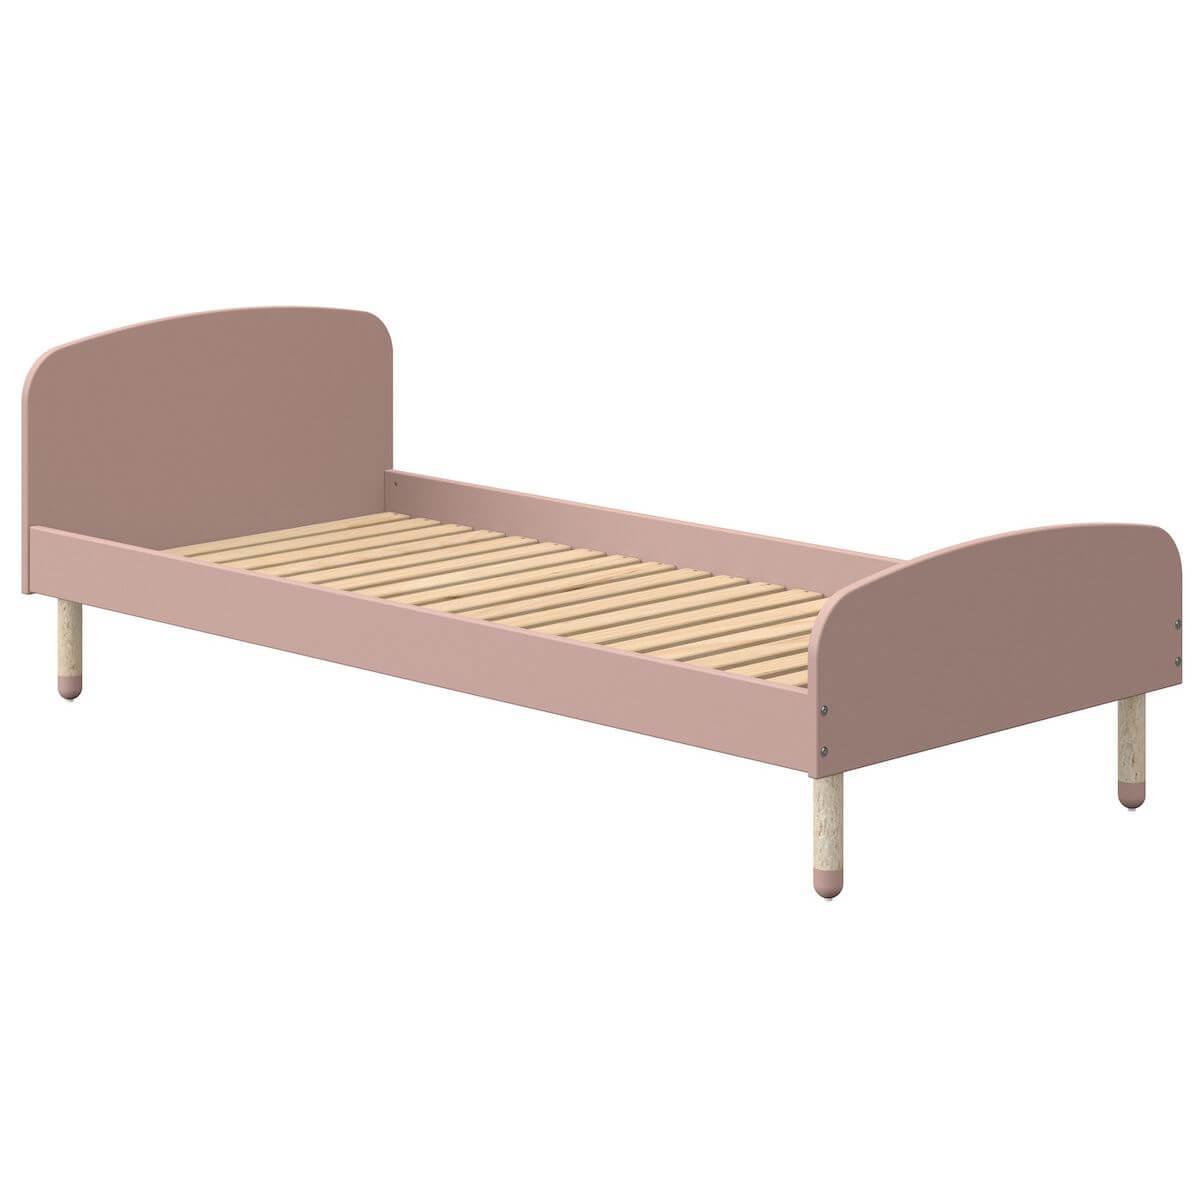 Cama 90x190cm DOTS Flexa rosa